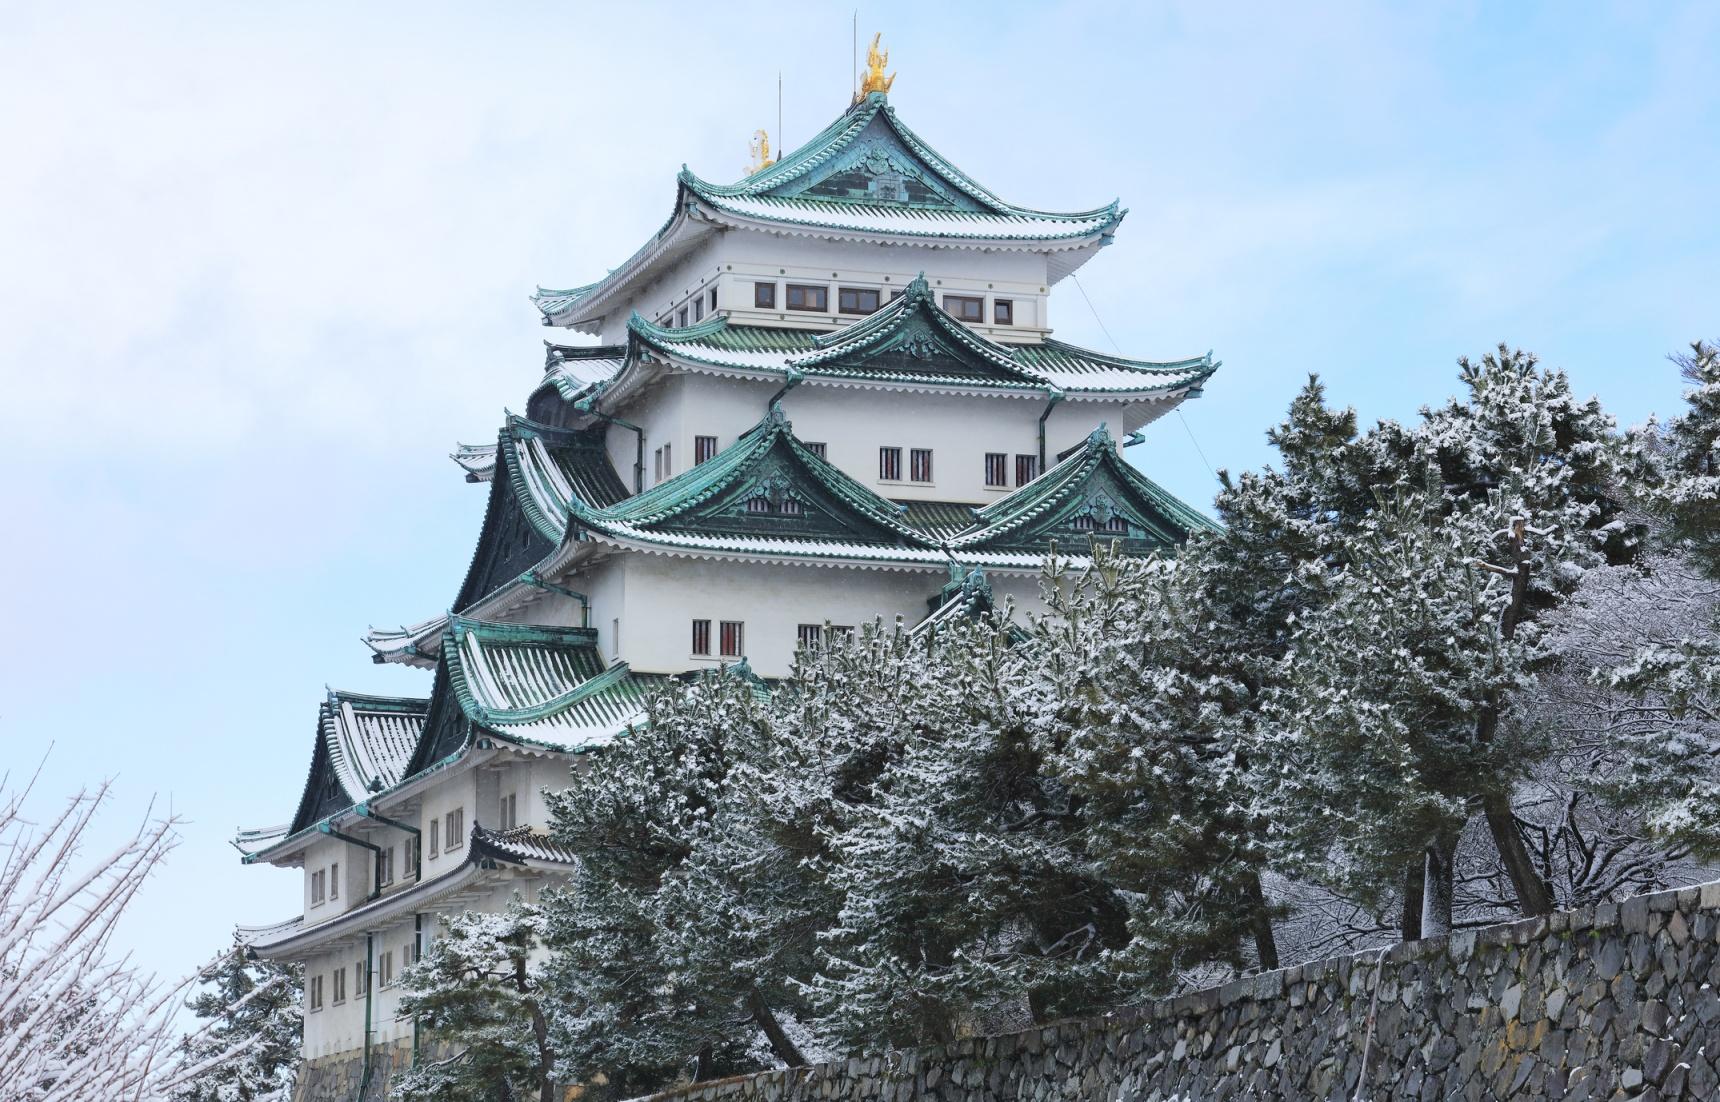 智游人 | 名古屋周边乐不停,一场令心情一秒钟放晴的短旅行